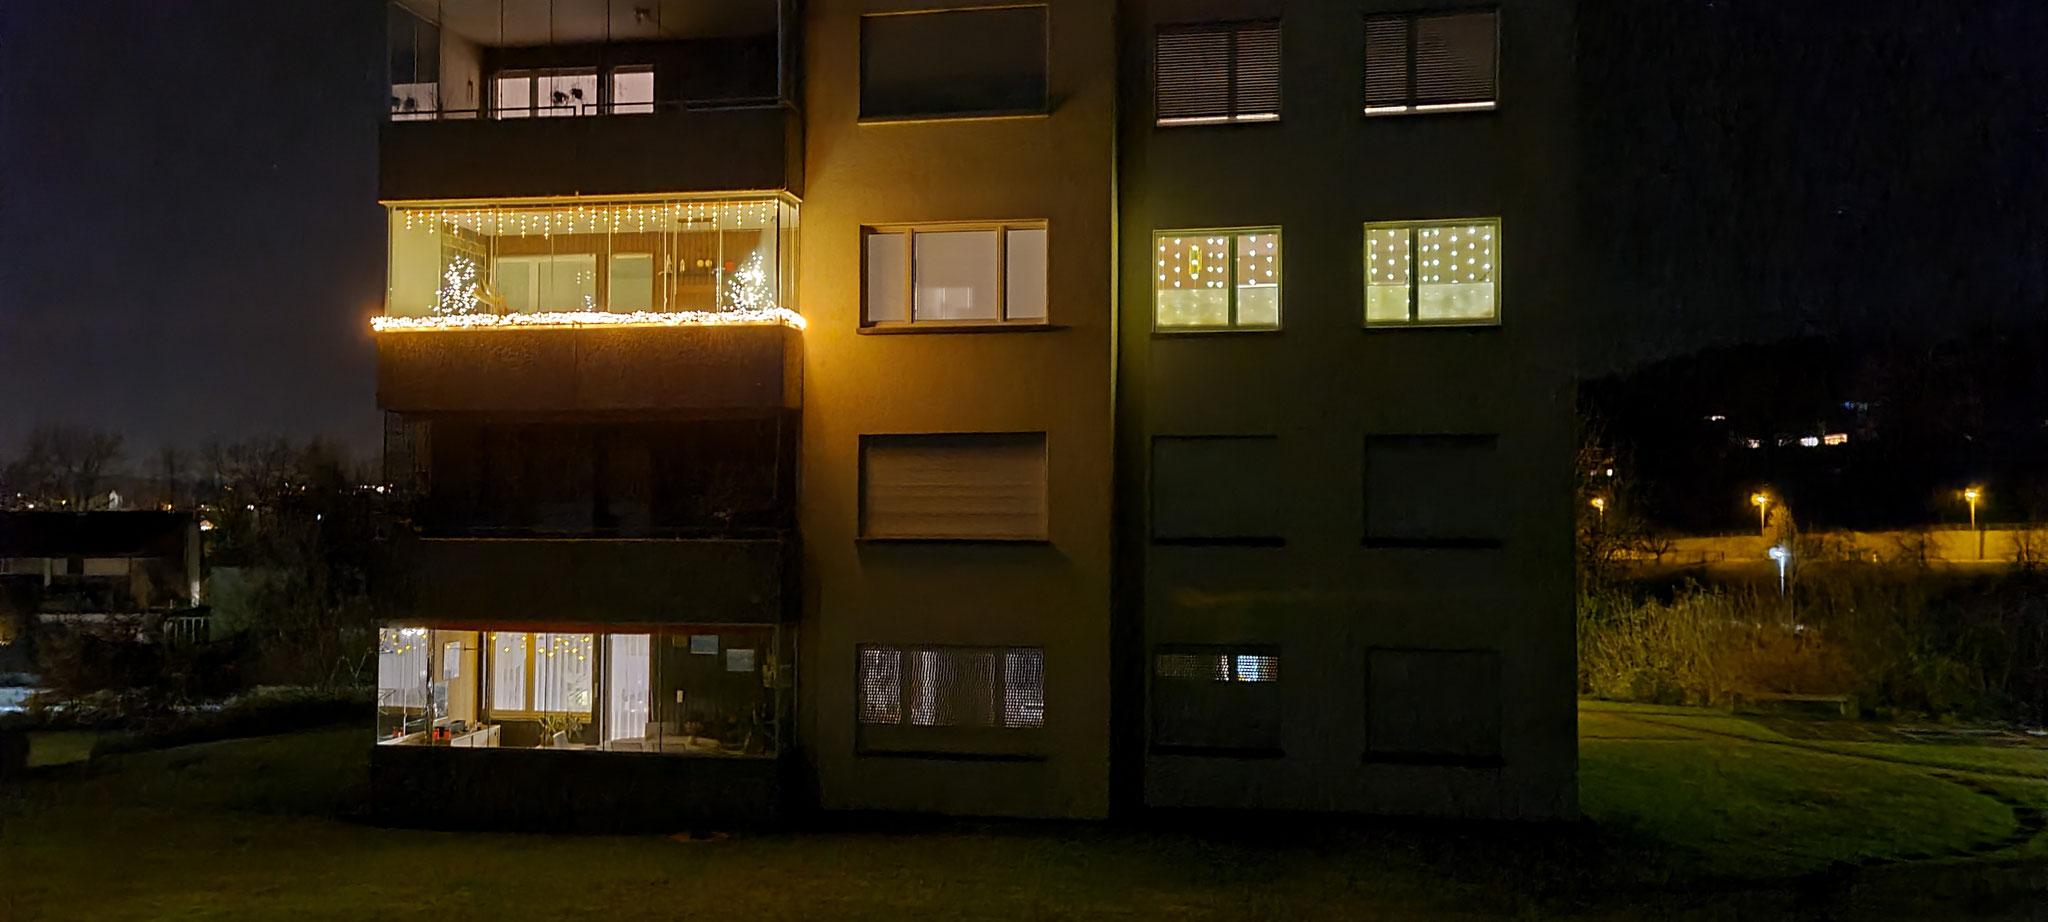 Wir sind nicht die einzigen mit Beleuchtung ;-)